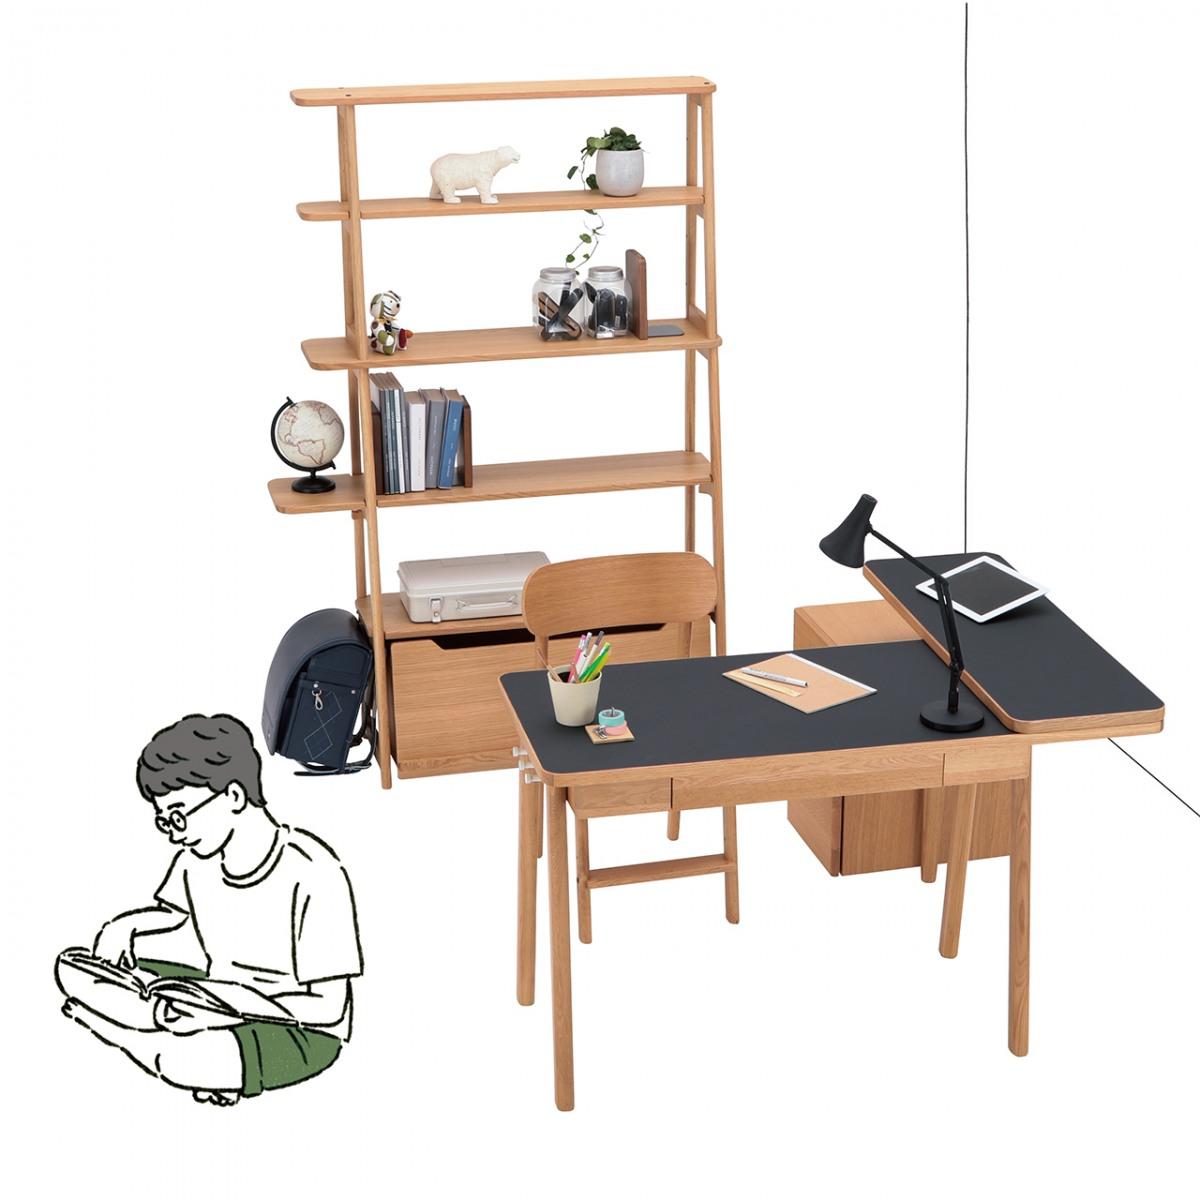 actus-kids-furniture_sub_008